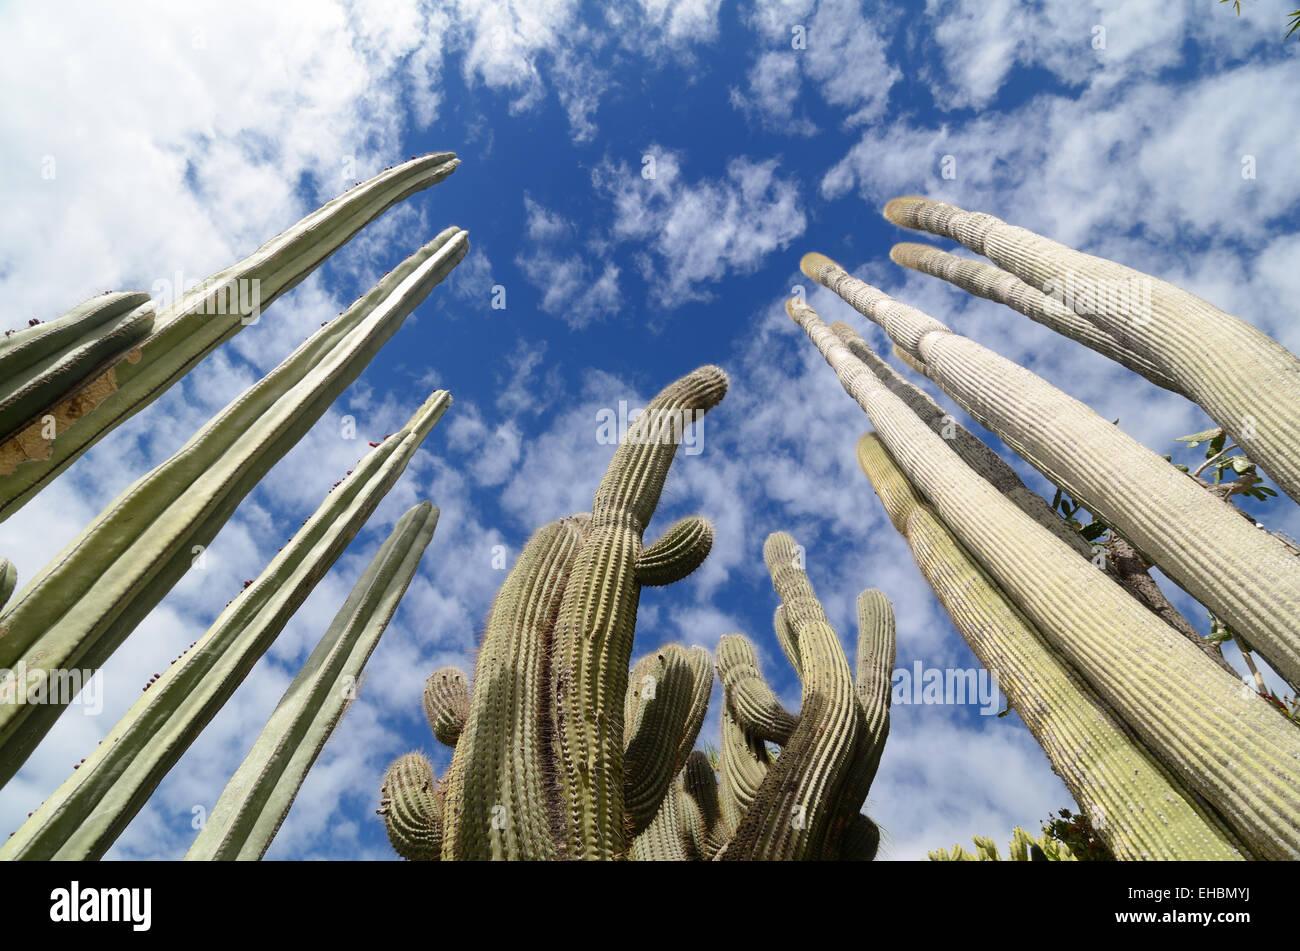 Cactáceas o cactus en los exóticos jardines o Jardin Exotique de Monaco Monaco Jardín Botánico Foto de stock